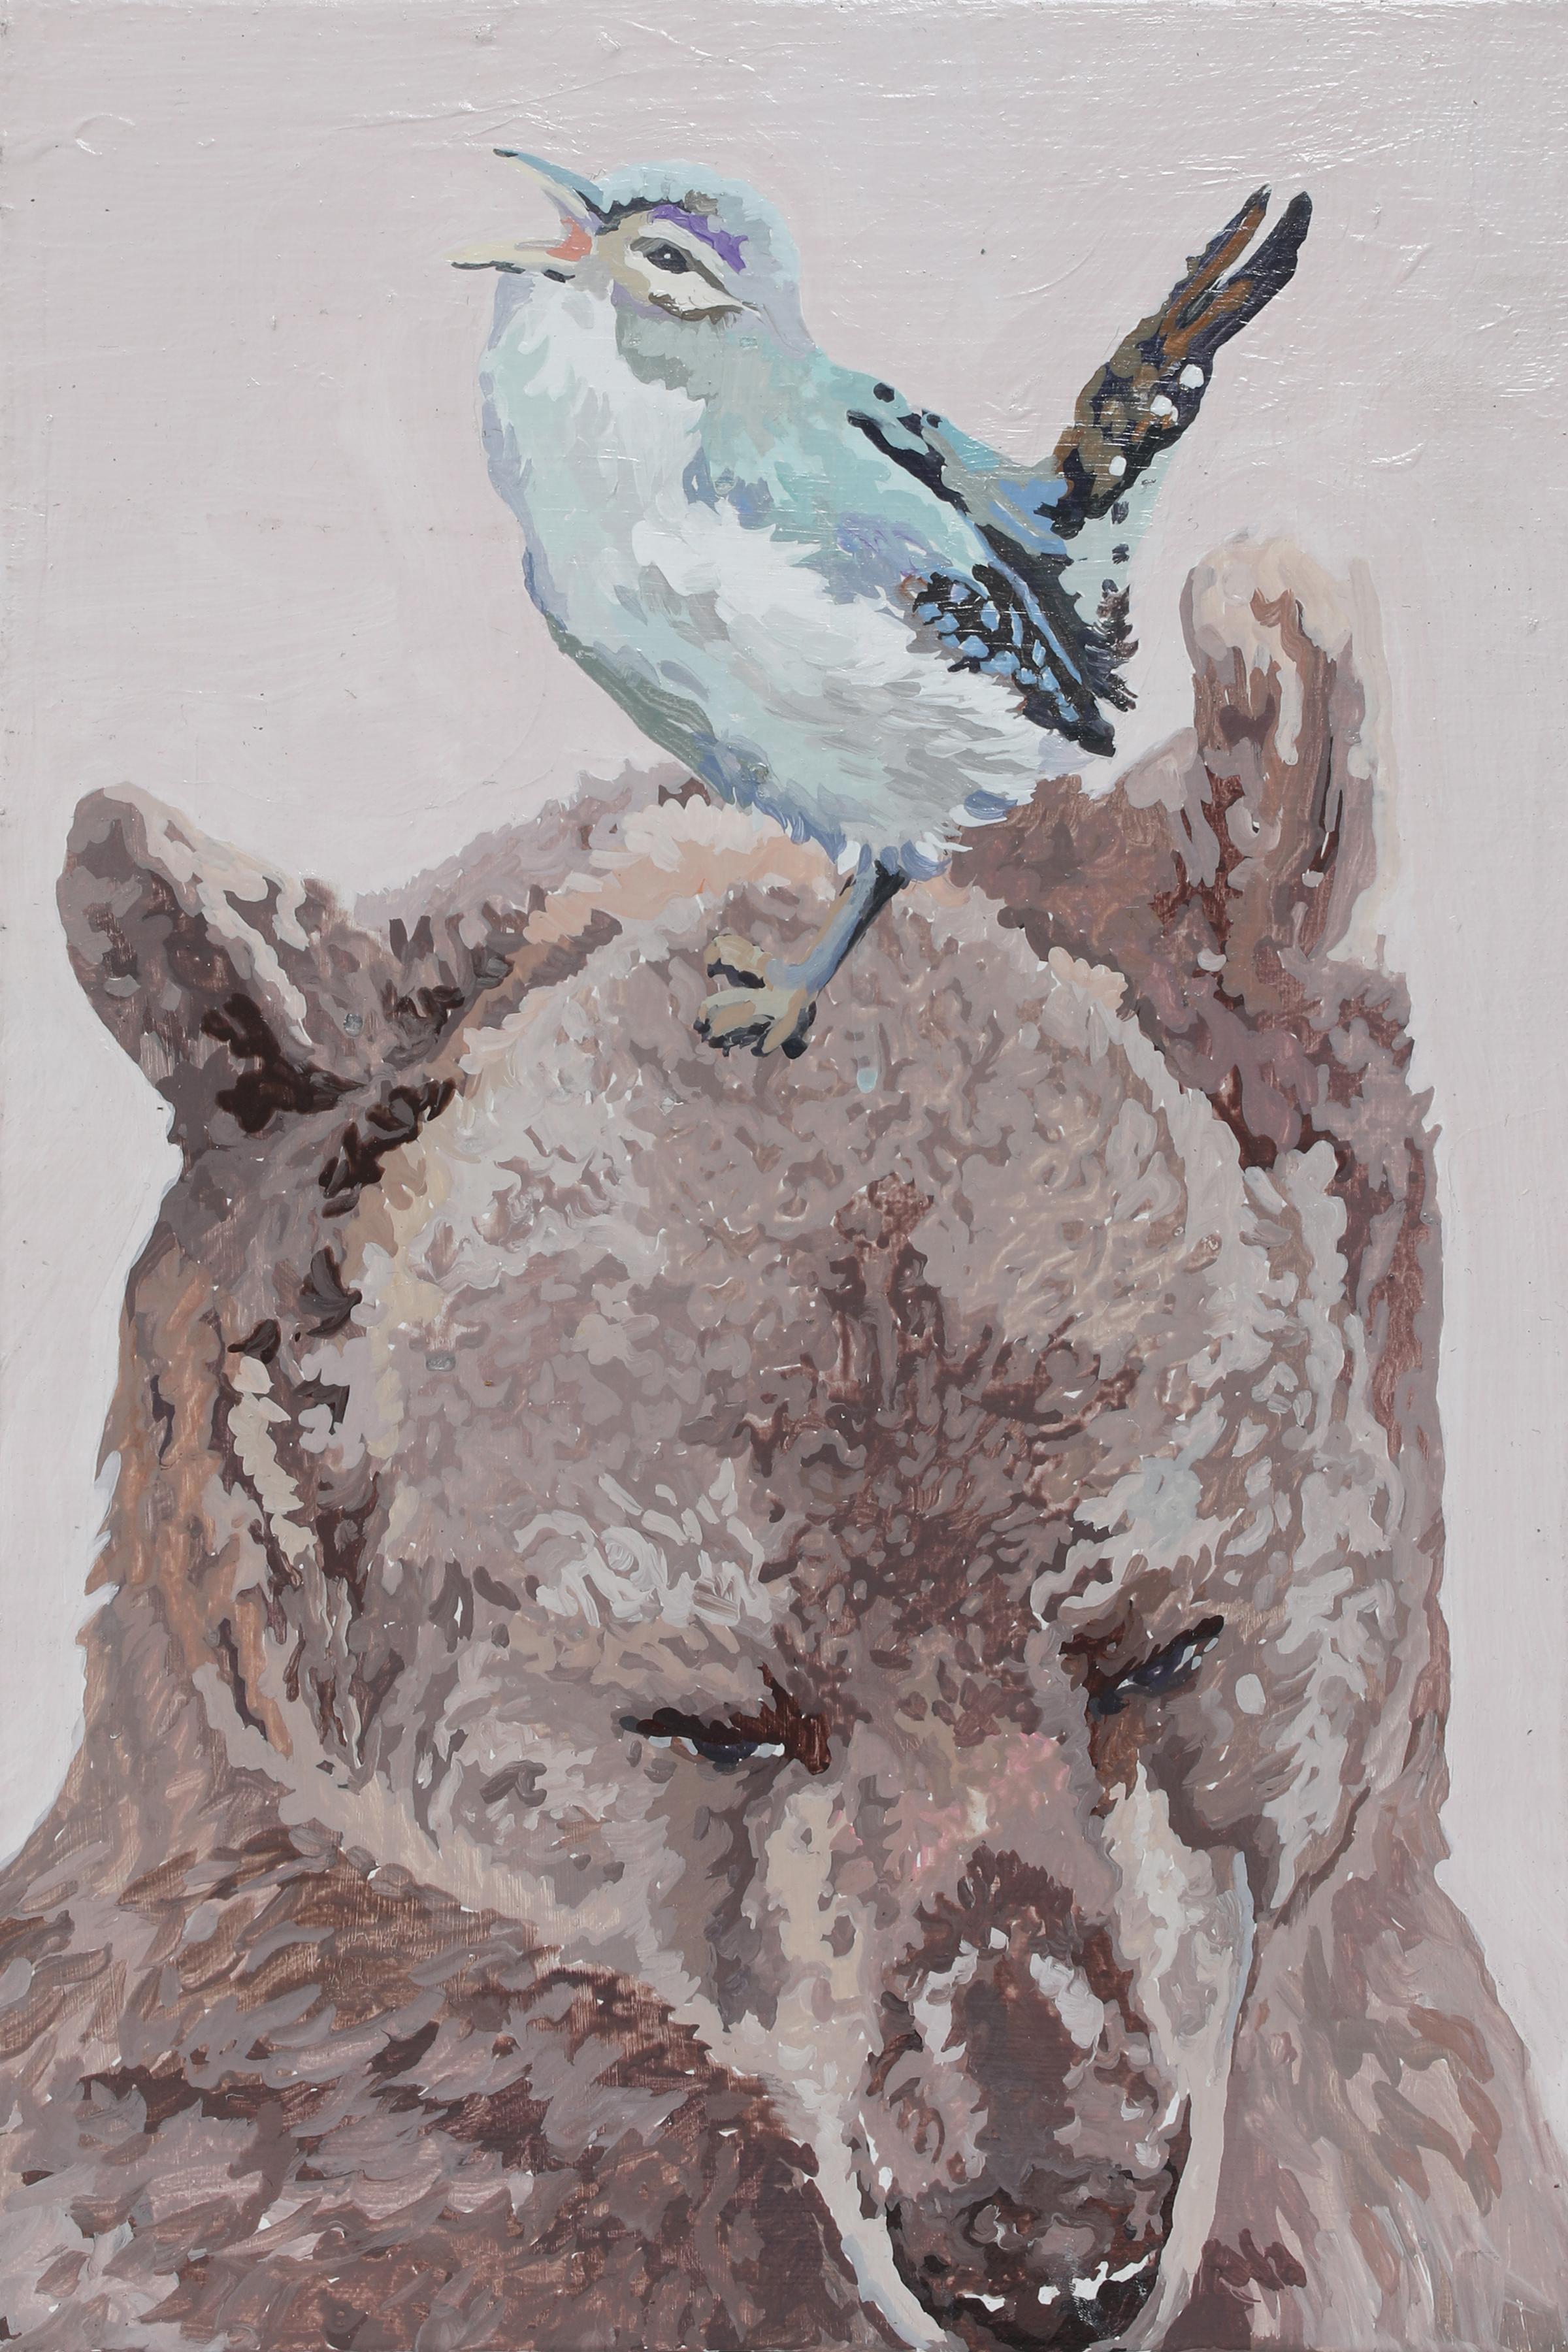 024, 박계숙, 나르시스의 정원-7, 23 x 34 cm, 캔버스에 아